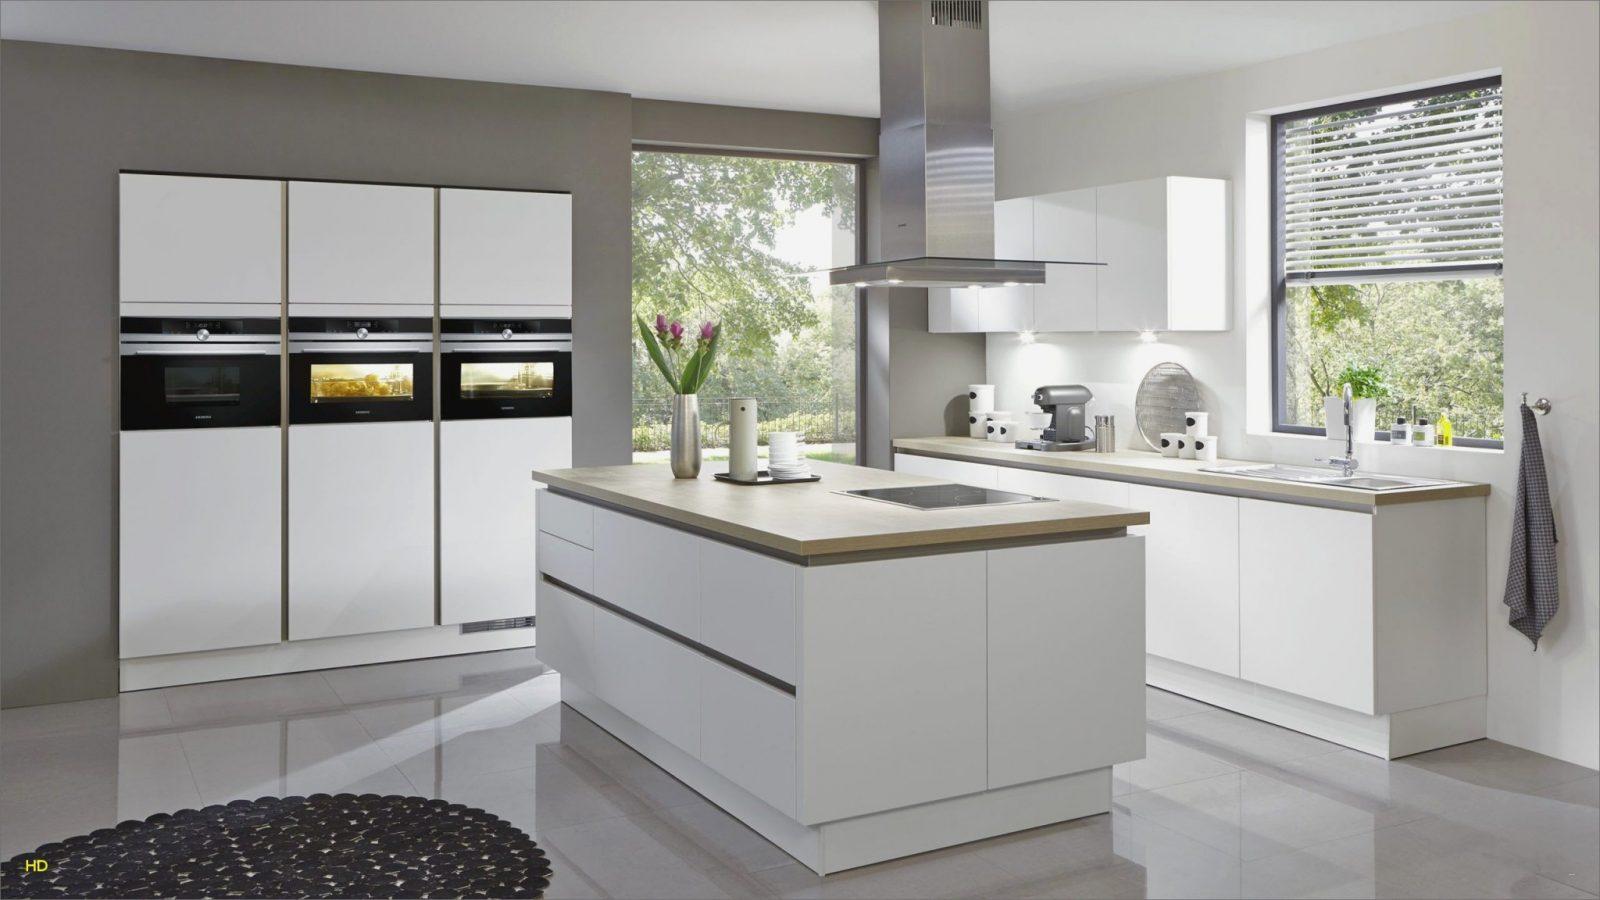 Kleine Küche Einrichten Ideen Schön Kleine Küche Gestalten Zum von Kleine Küche Gestalten Ideen Bild